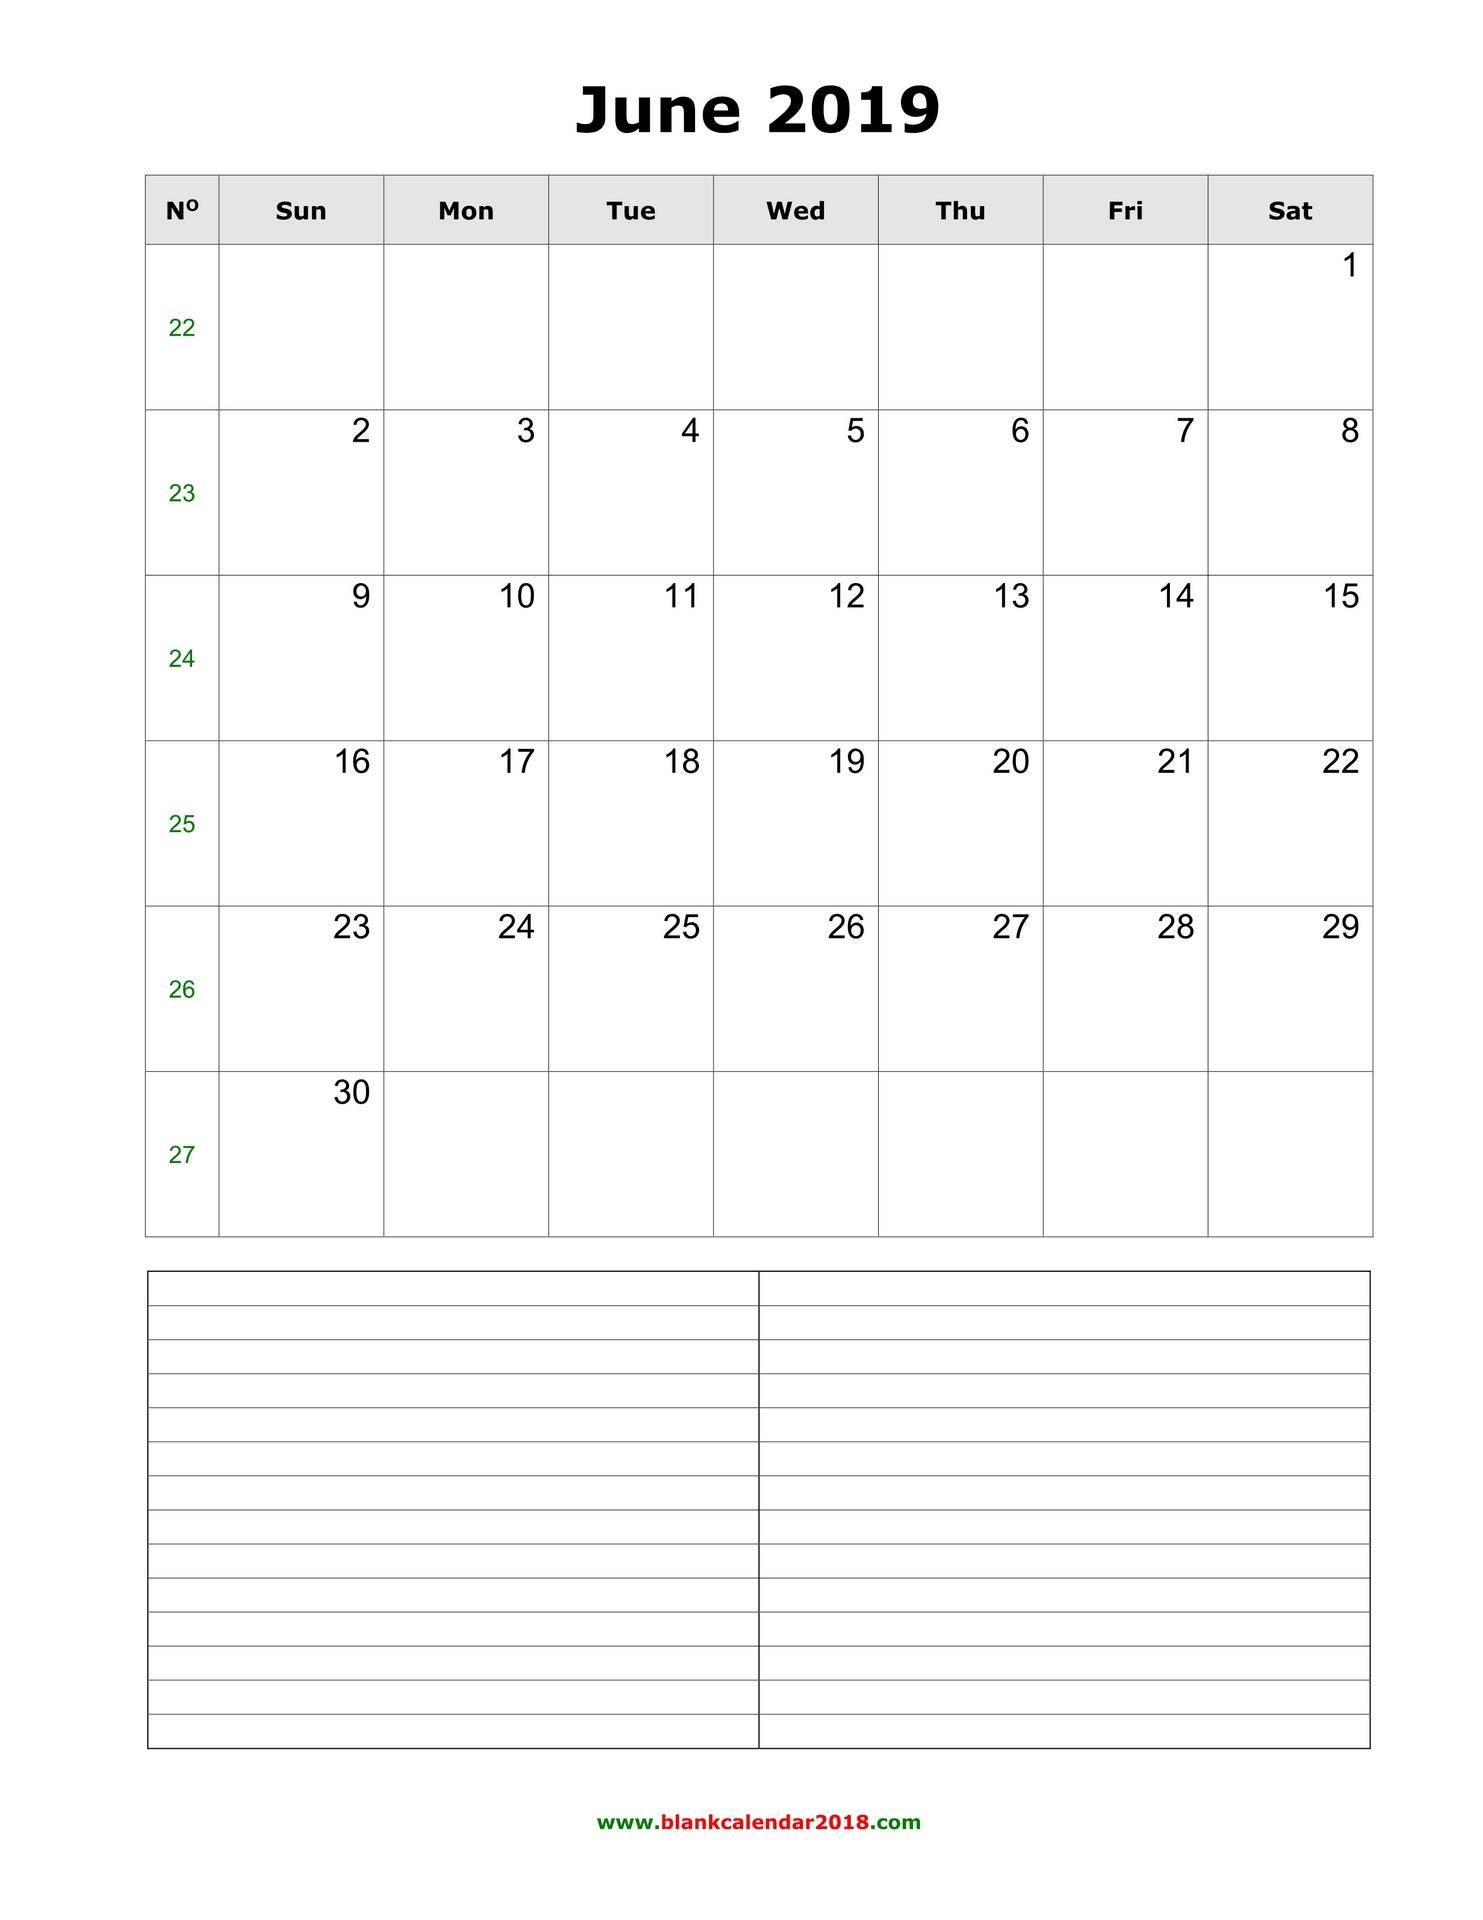 Blank Calendar For June 2019